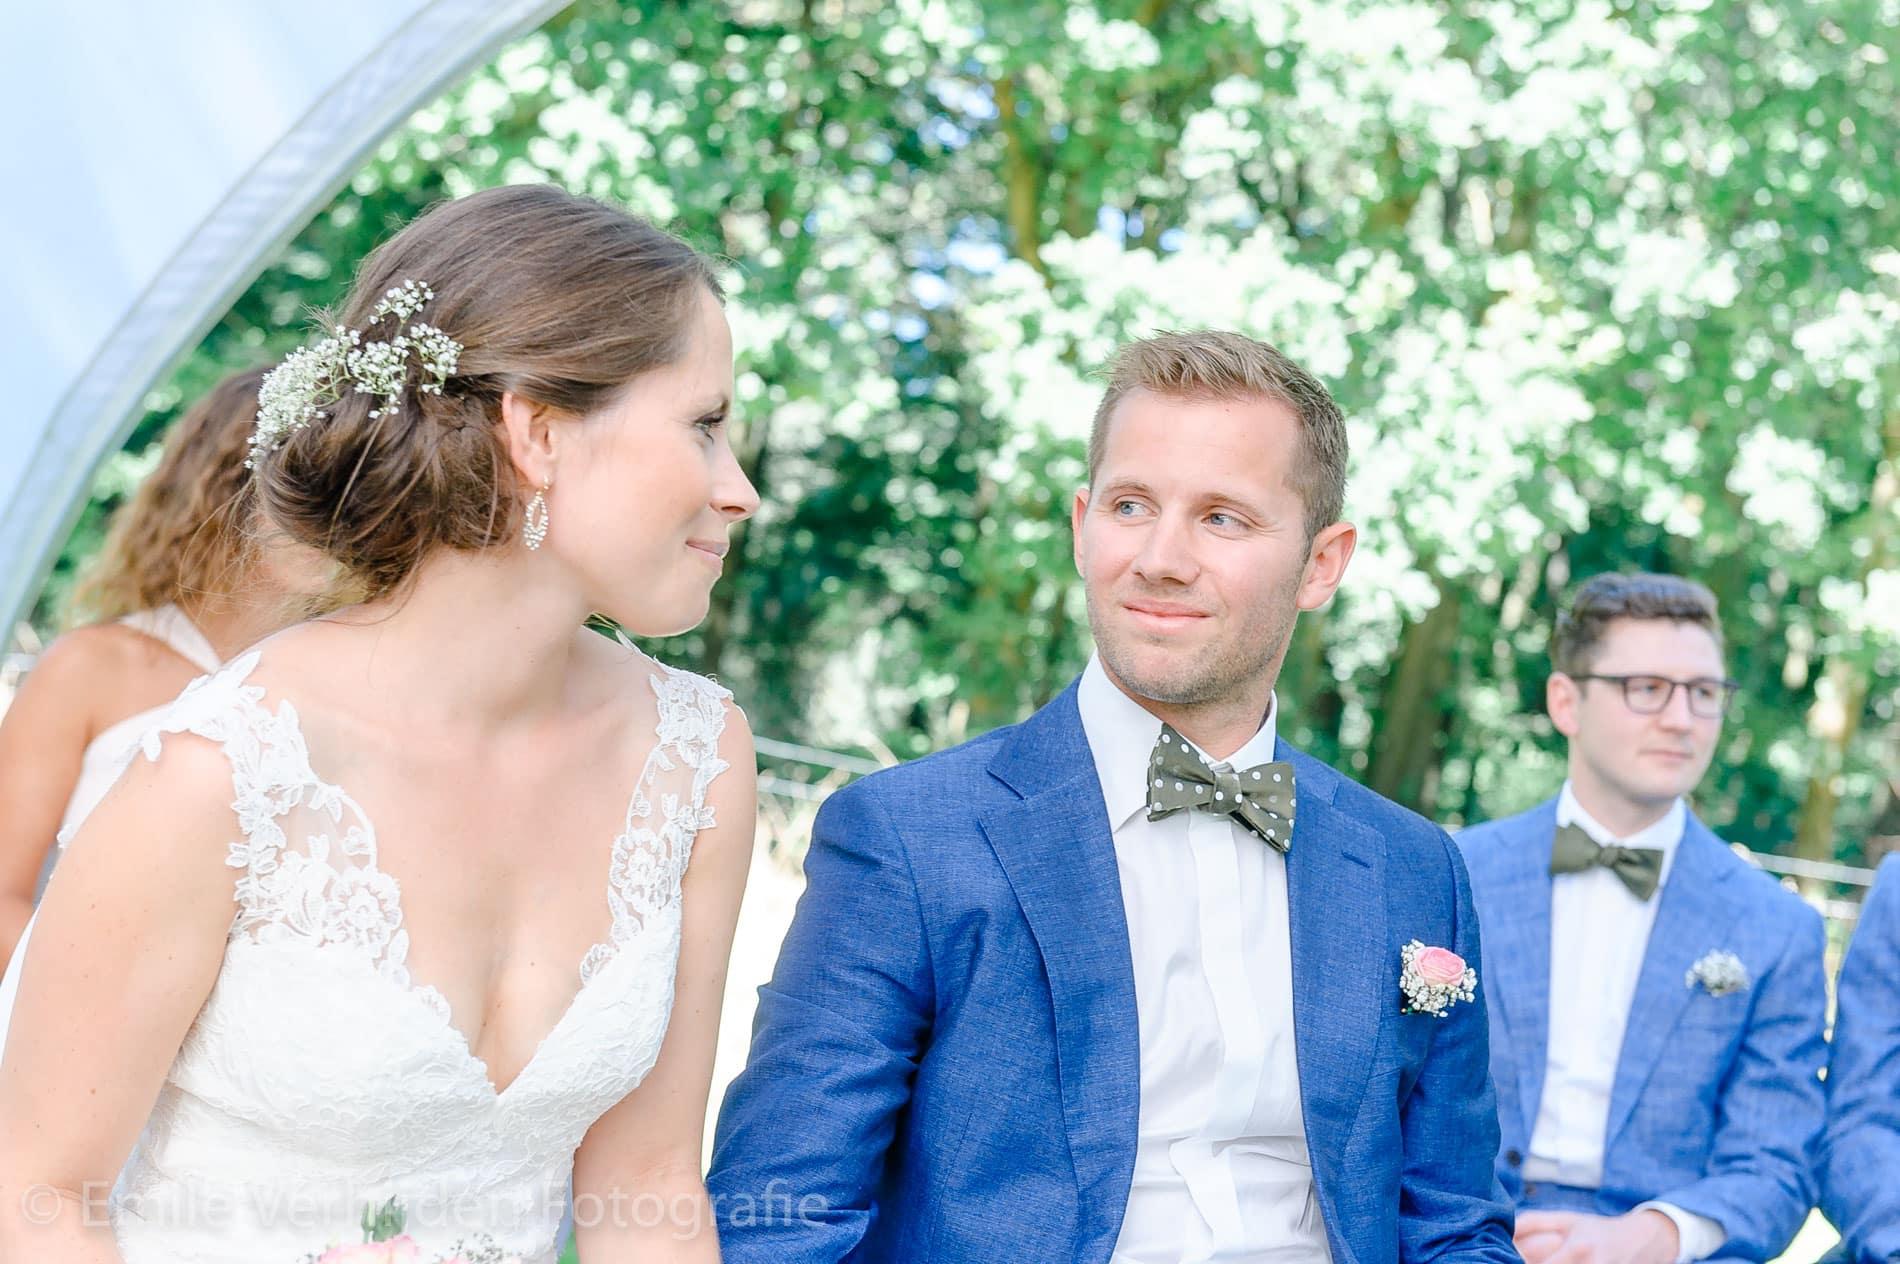 Bijna getrouwd, bruidegom kijkt naar de bruid in de tuin van de Winselerhof